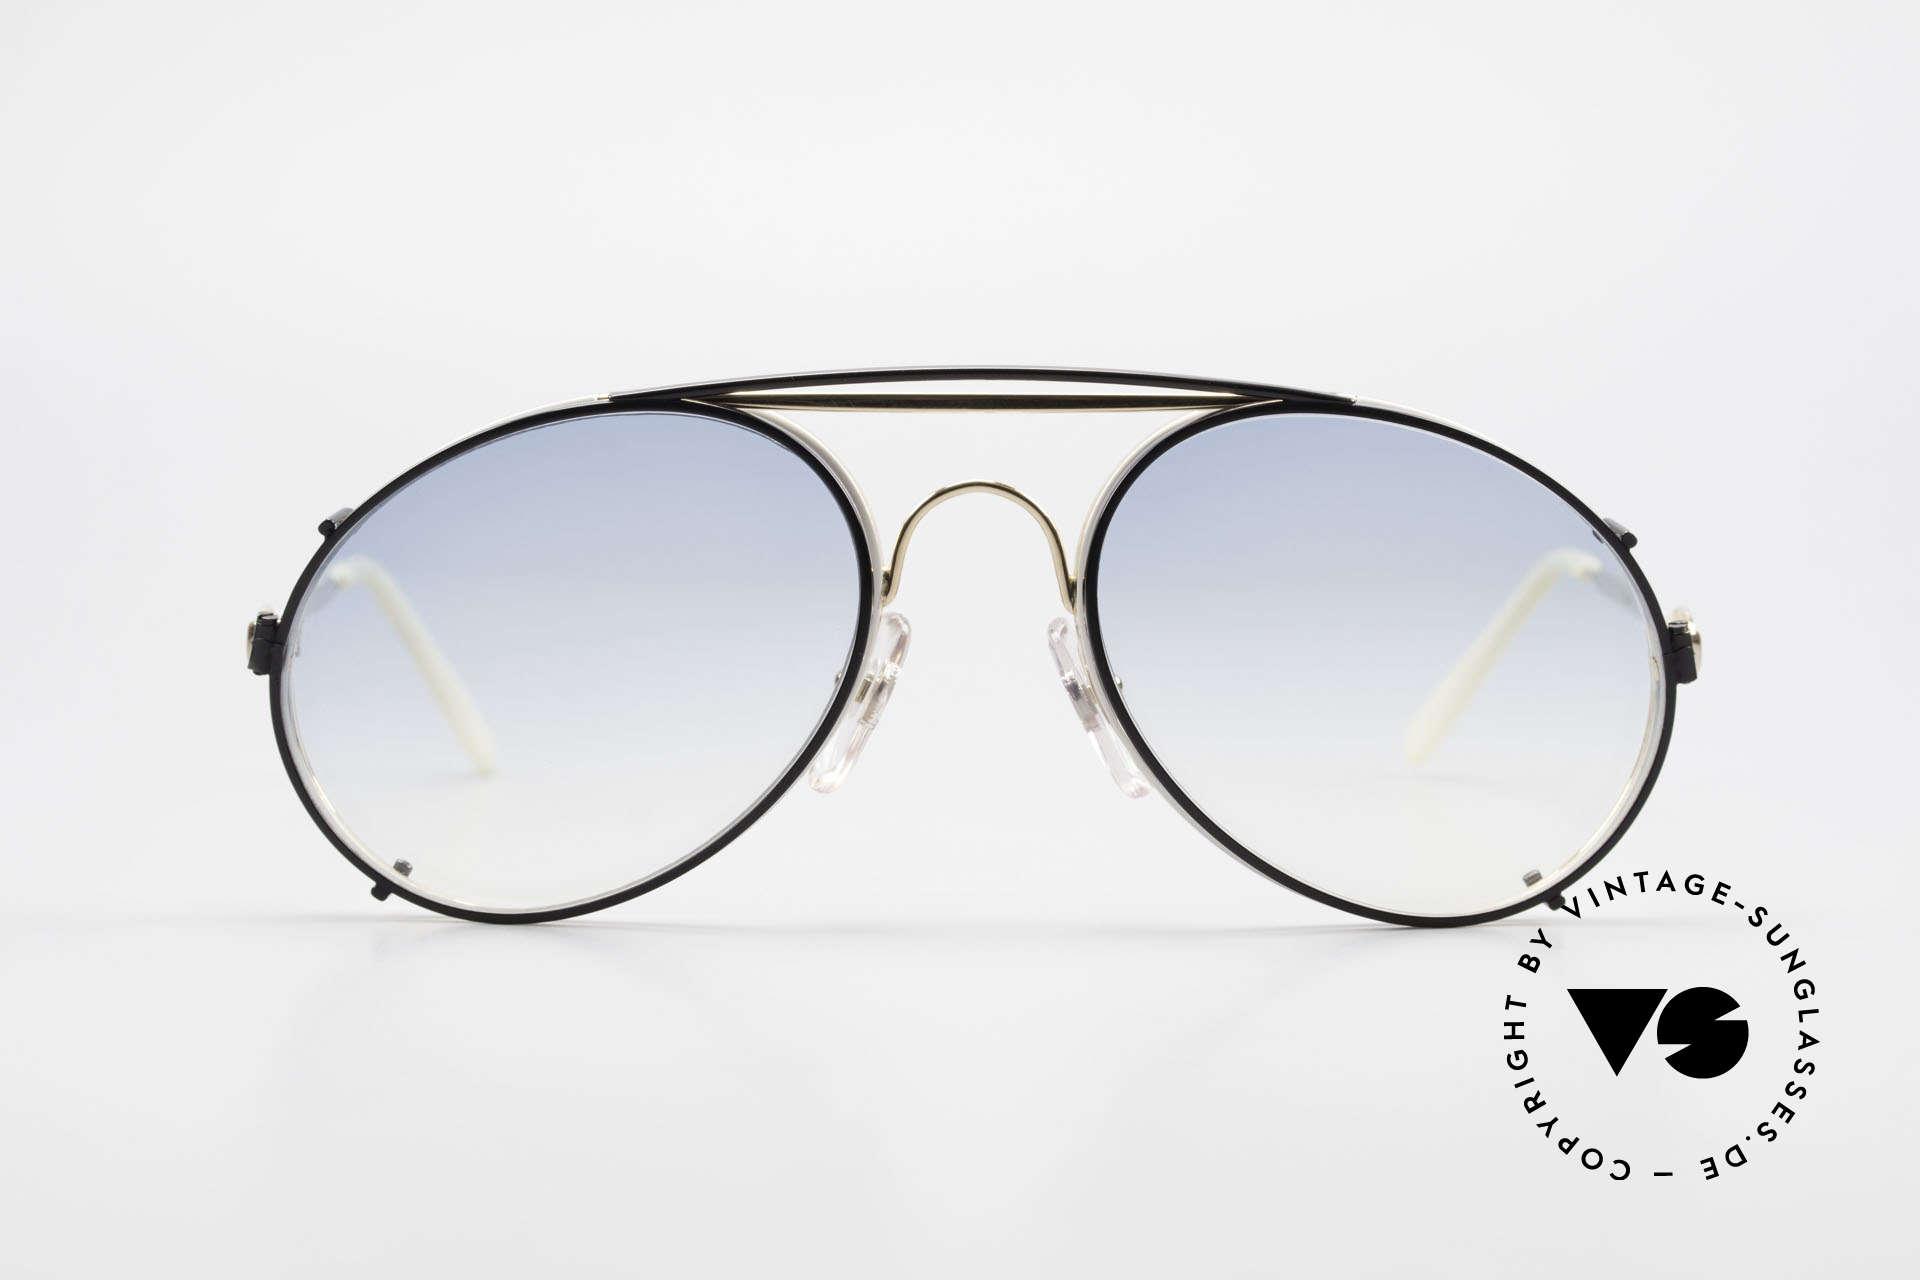 Bugatti 65987 Vintage Brille Mit Sonnenclip, in typischer / legendärer Bugatti-Tropfenform, Passend für Herren